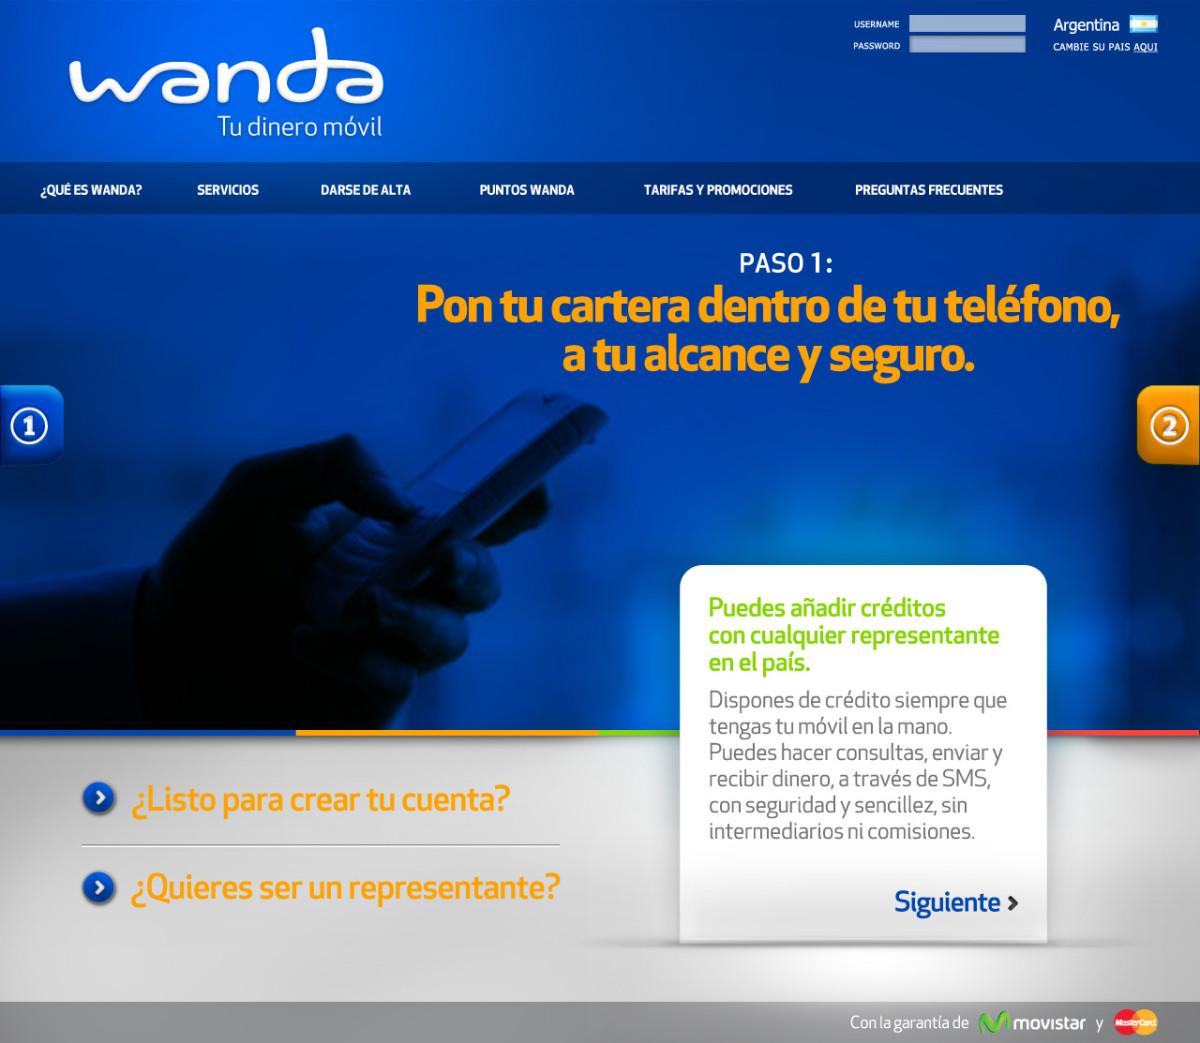 wanda_v2_1